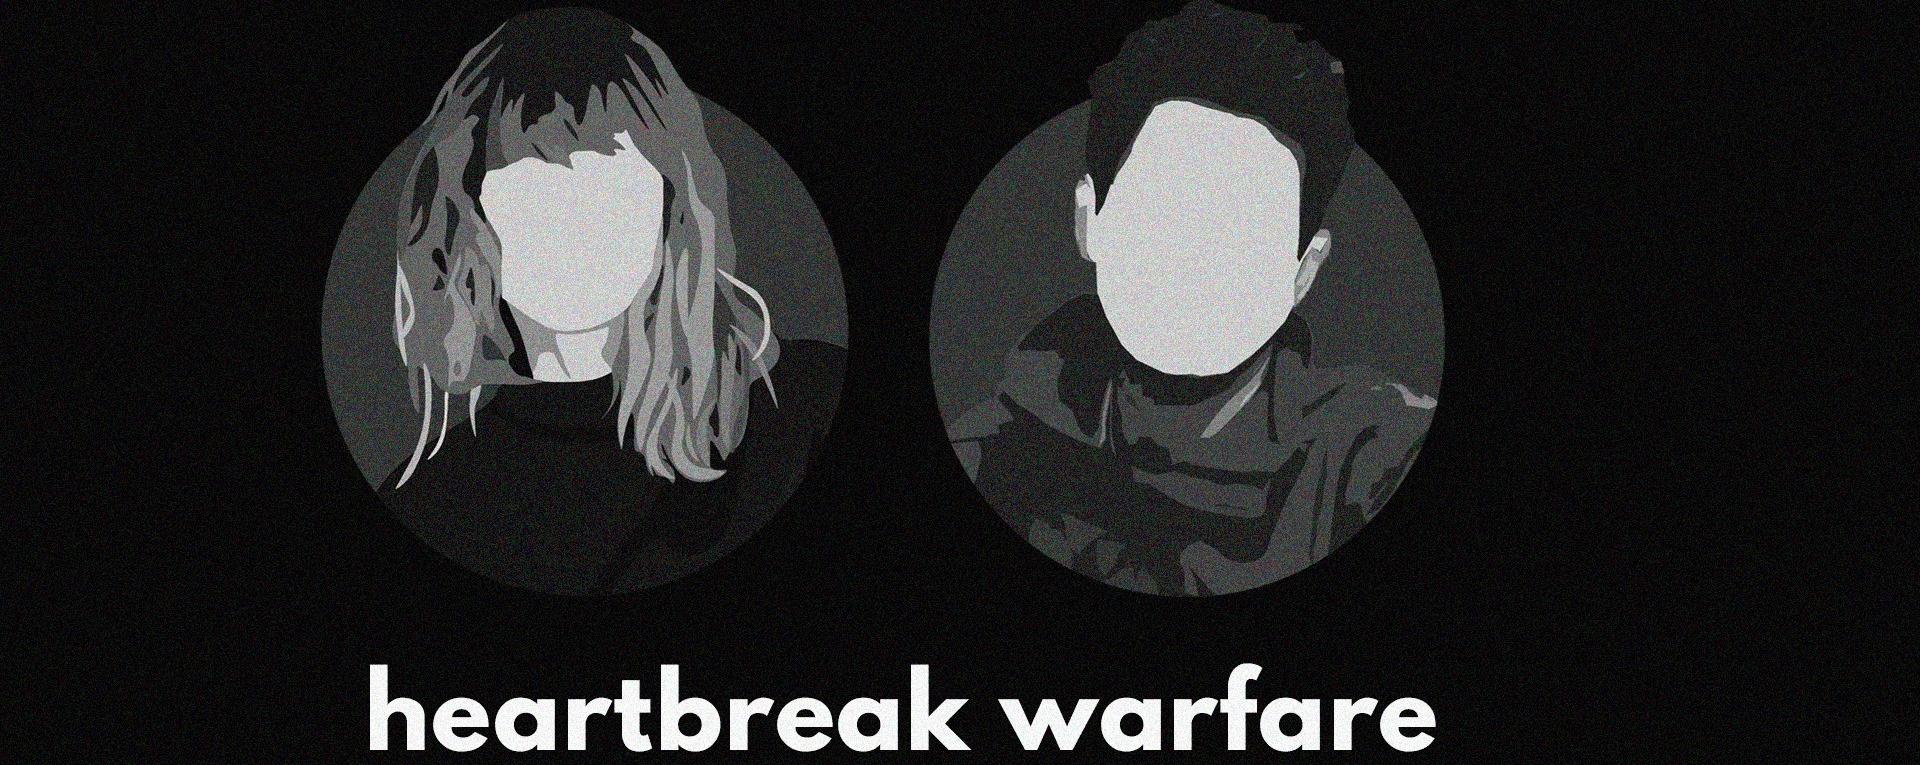 Heartbreak Warfare: Mayer x Swift Night